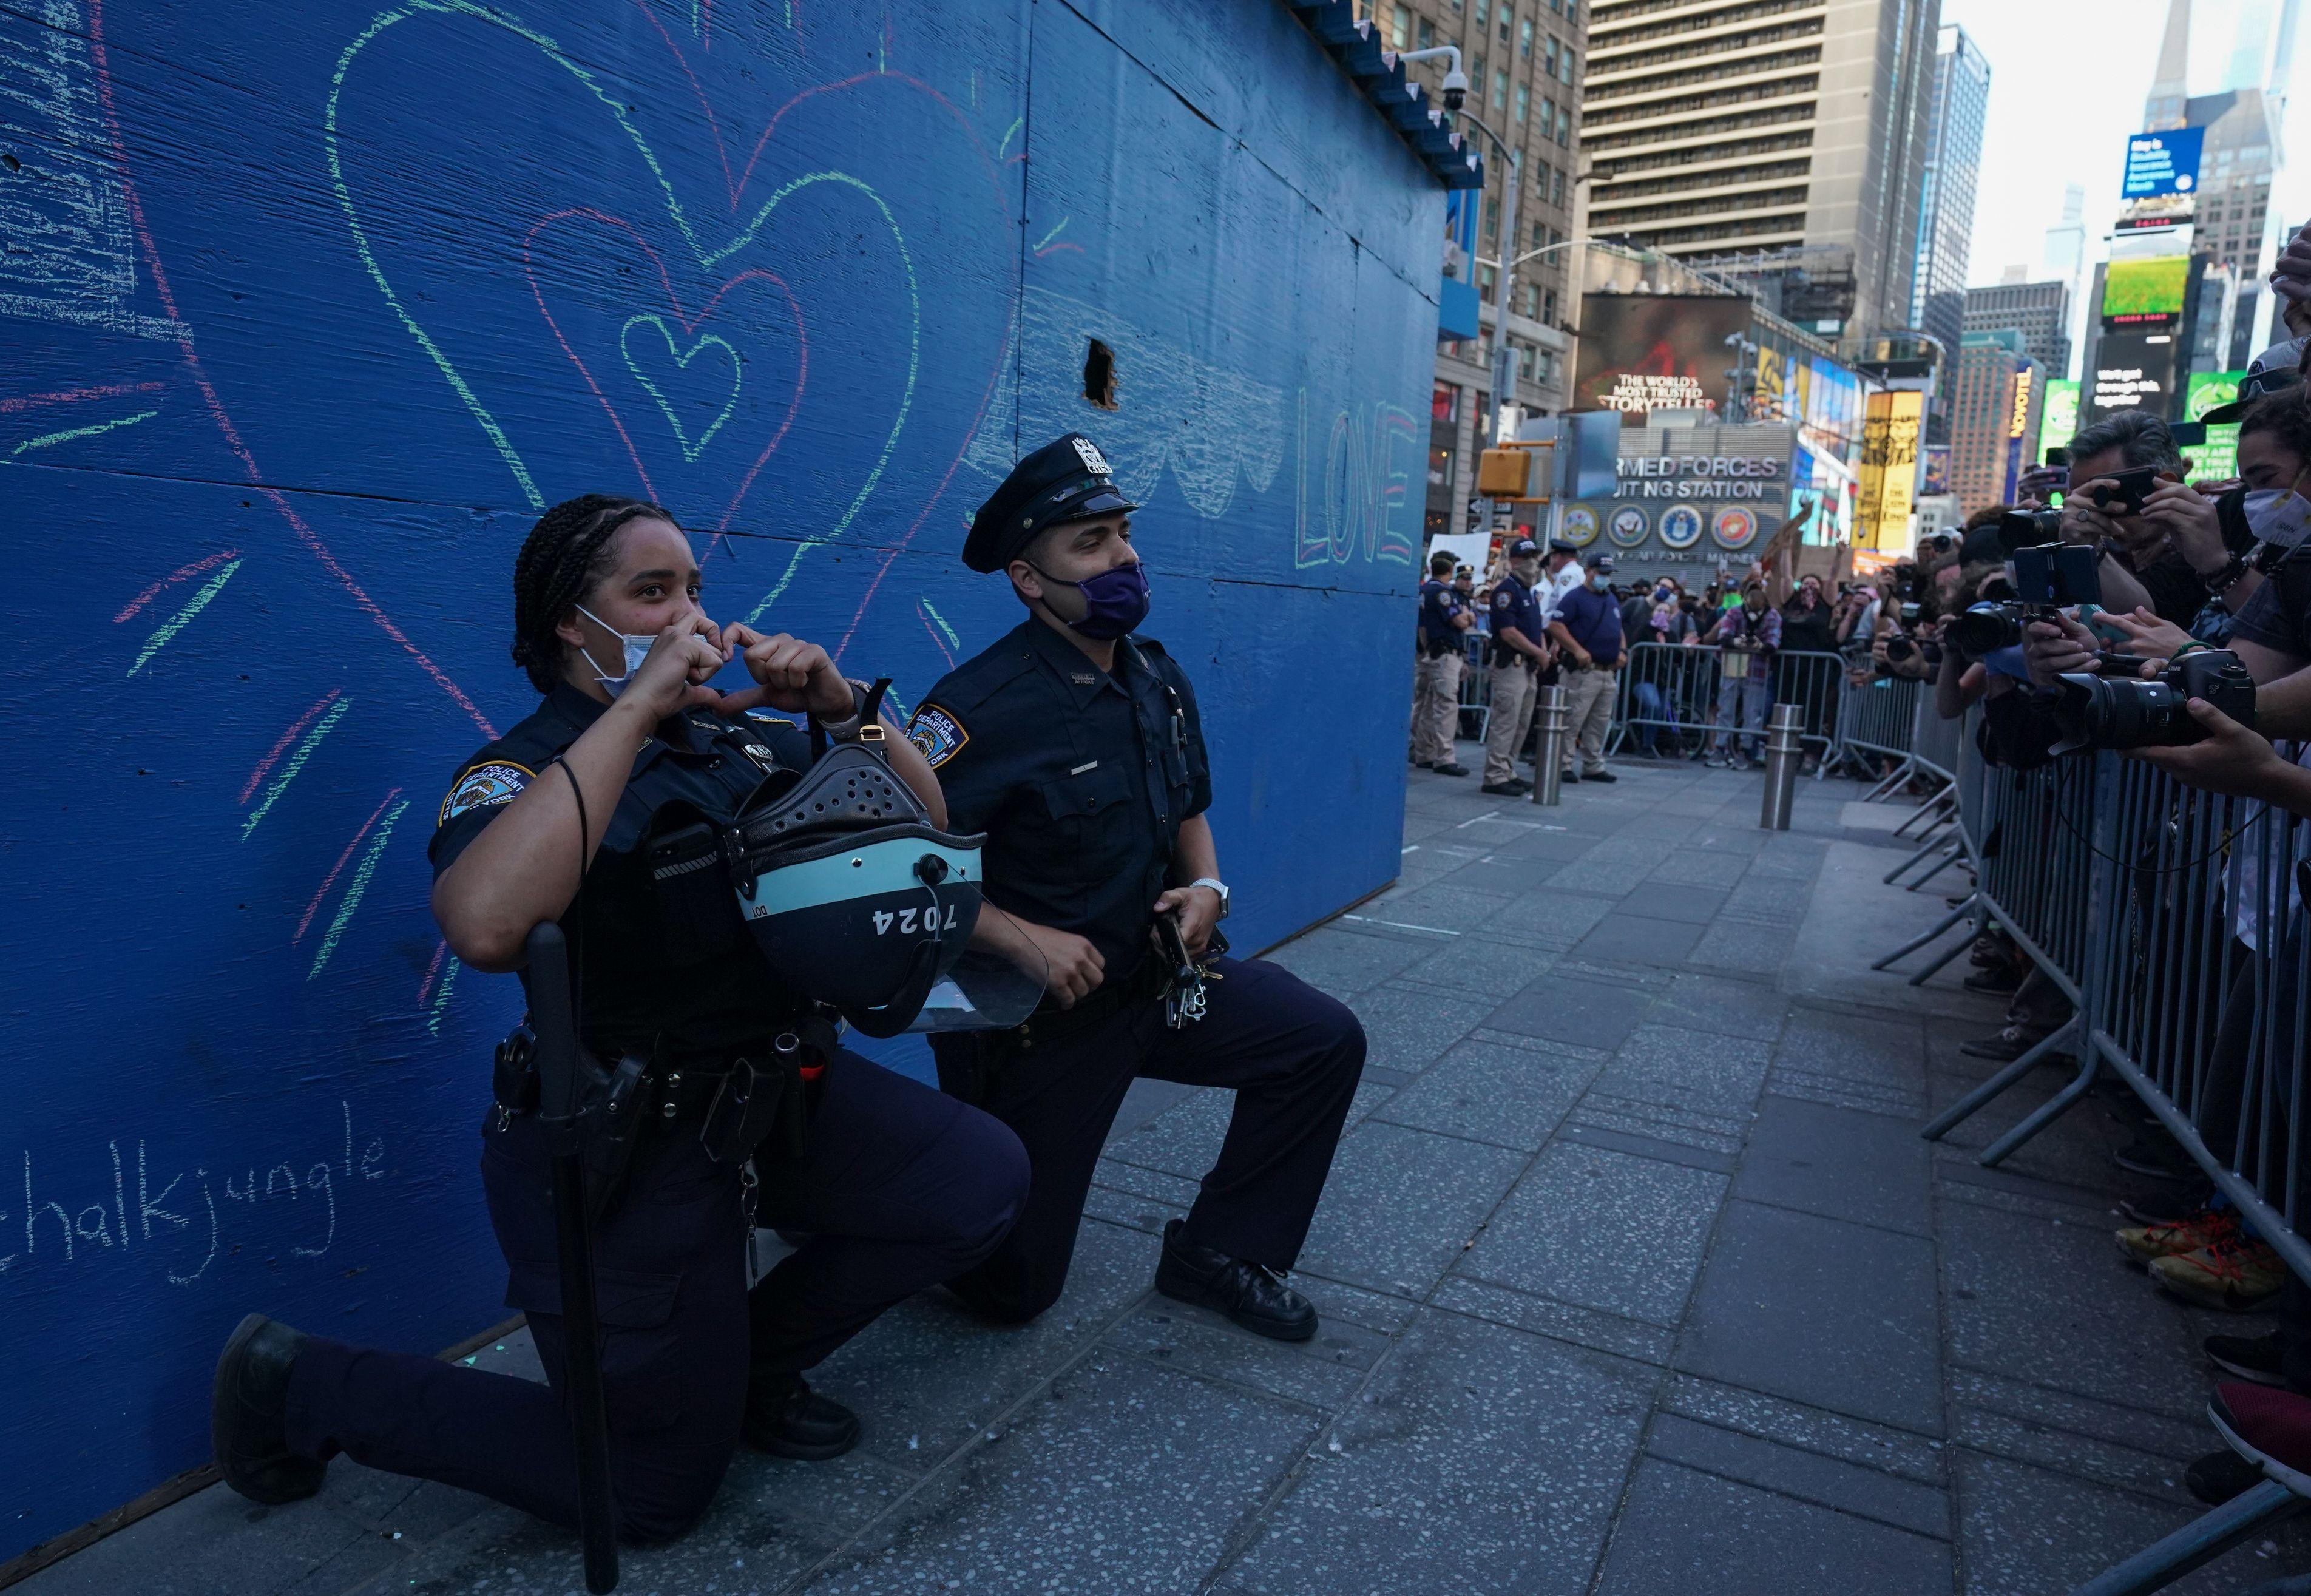 紐約警察單膝下跪 感化抗議者 化解暴力